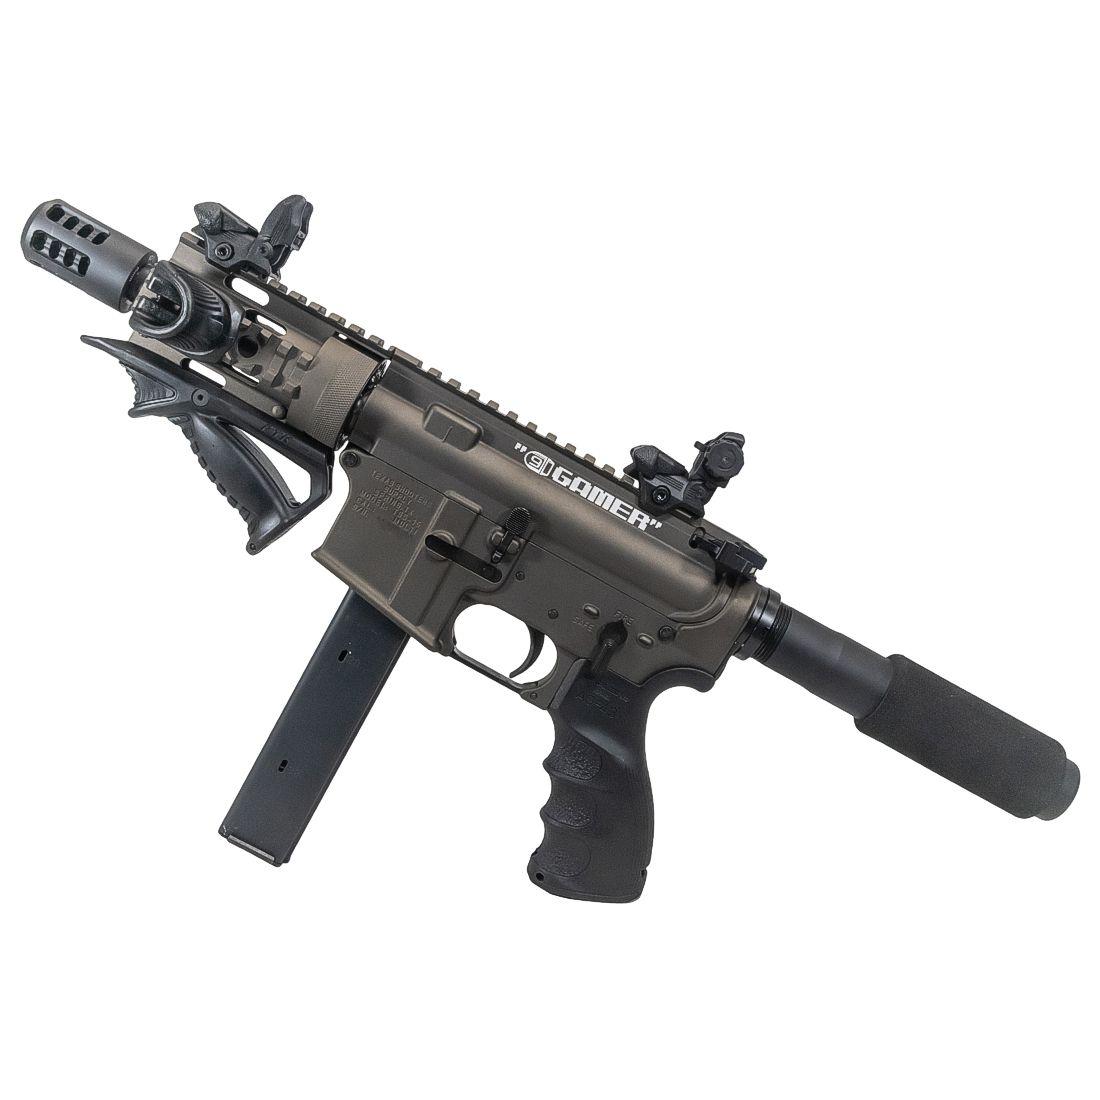 TSS CUSTOM AR-15 9mm LIMITED EDITION Pistol